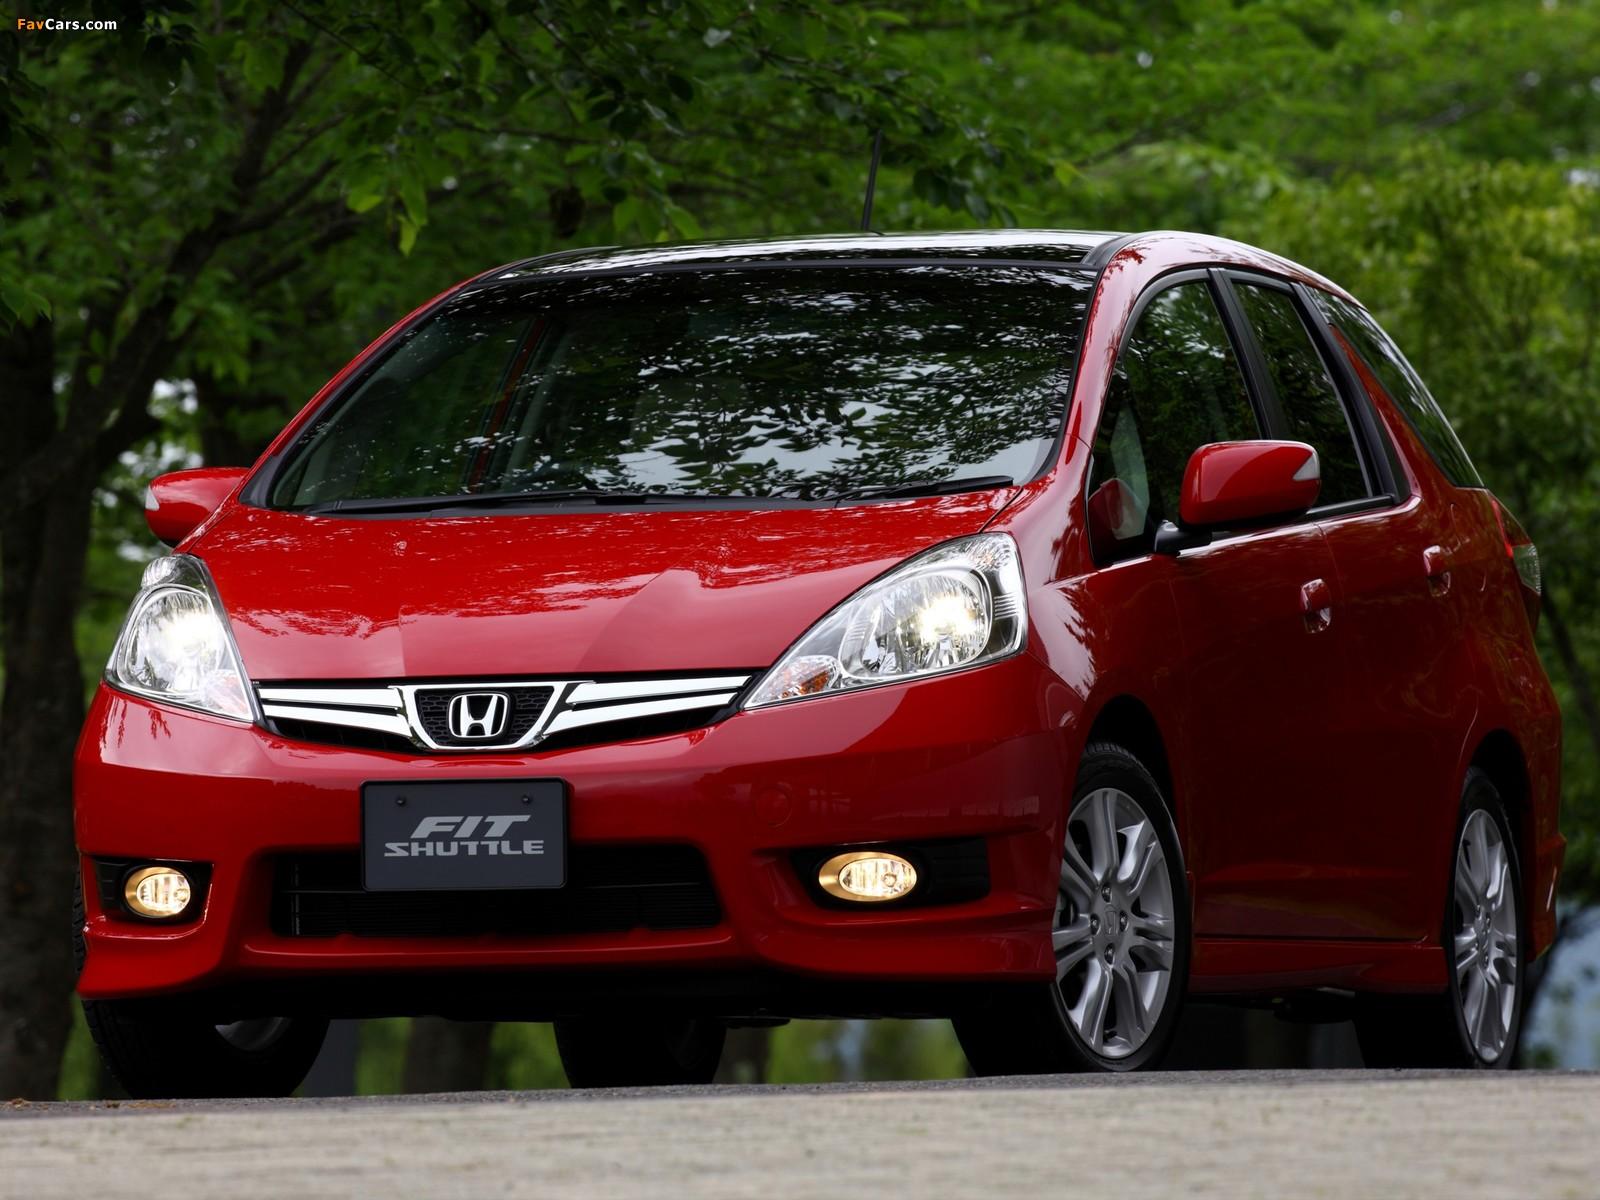 Honda Fit Shuttle (GG) 2011 wallpapers (1600x1200)